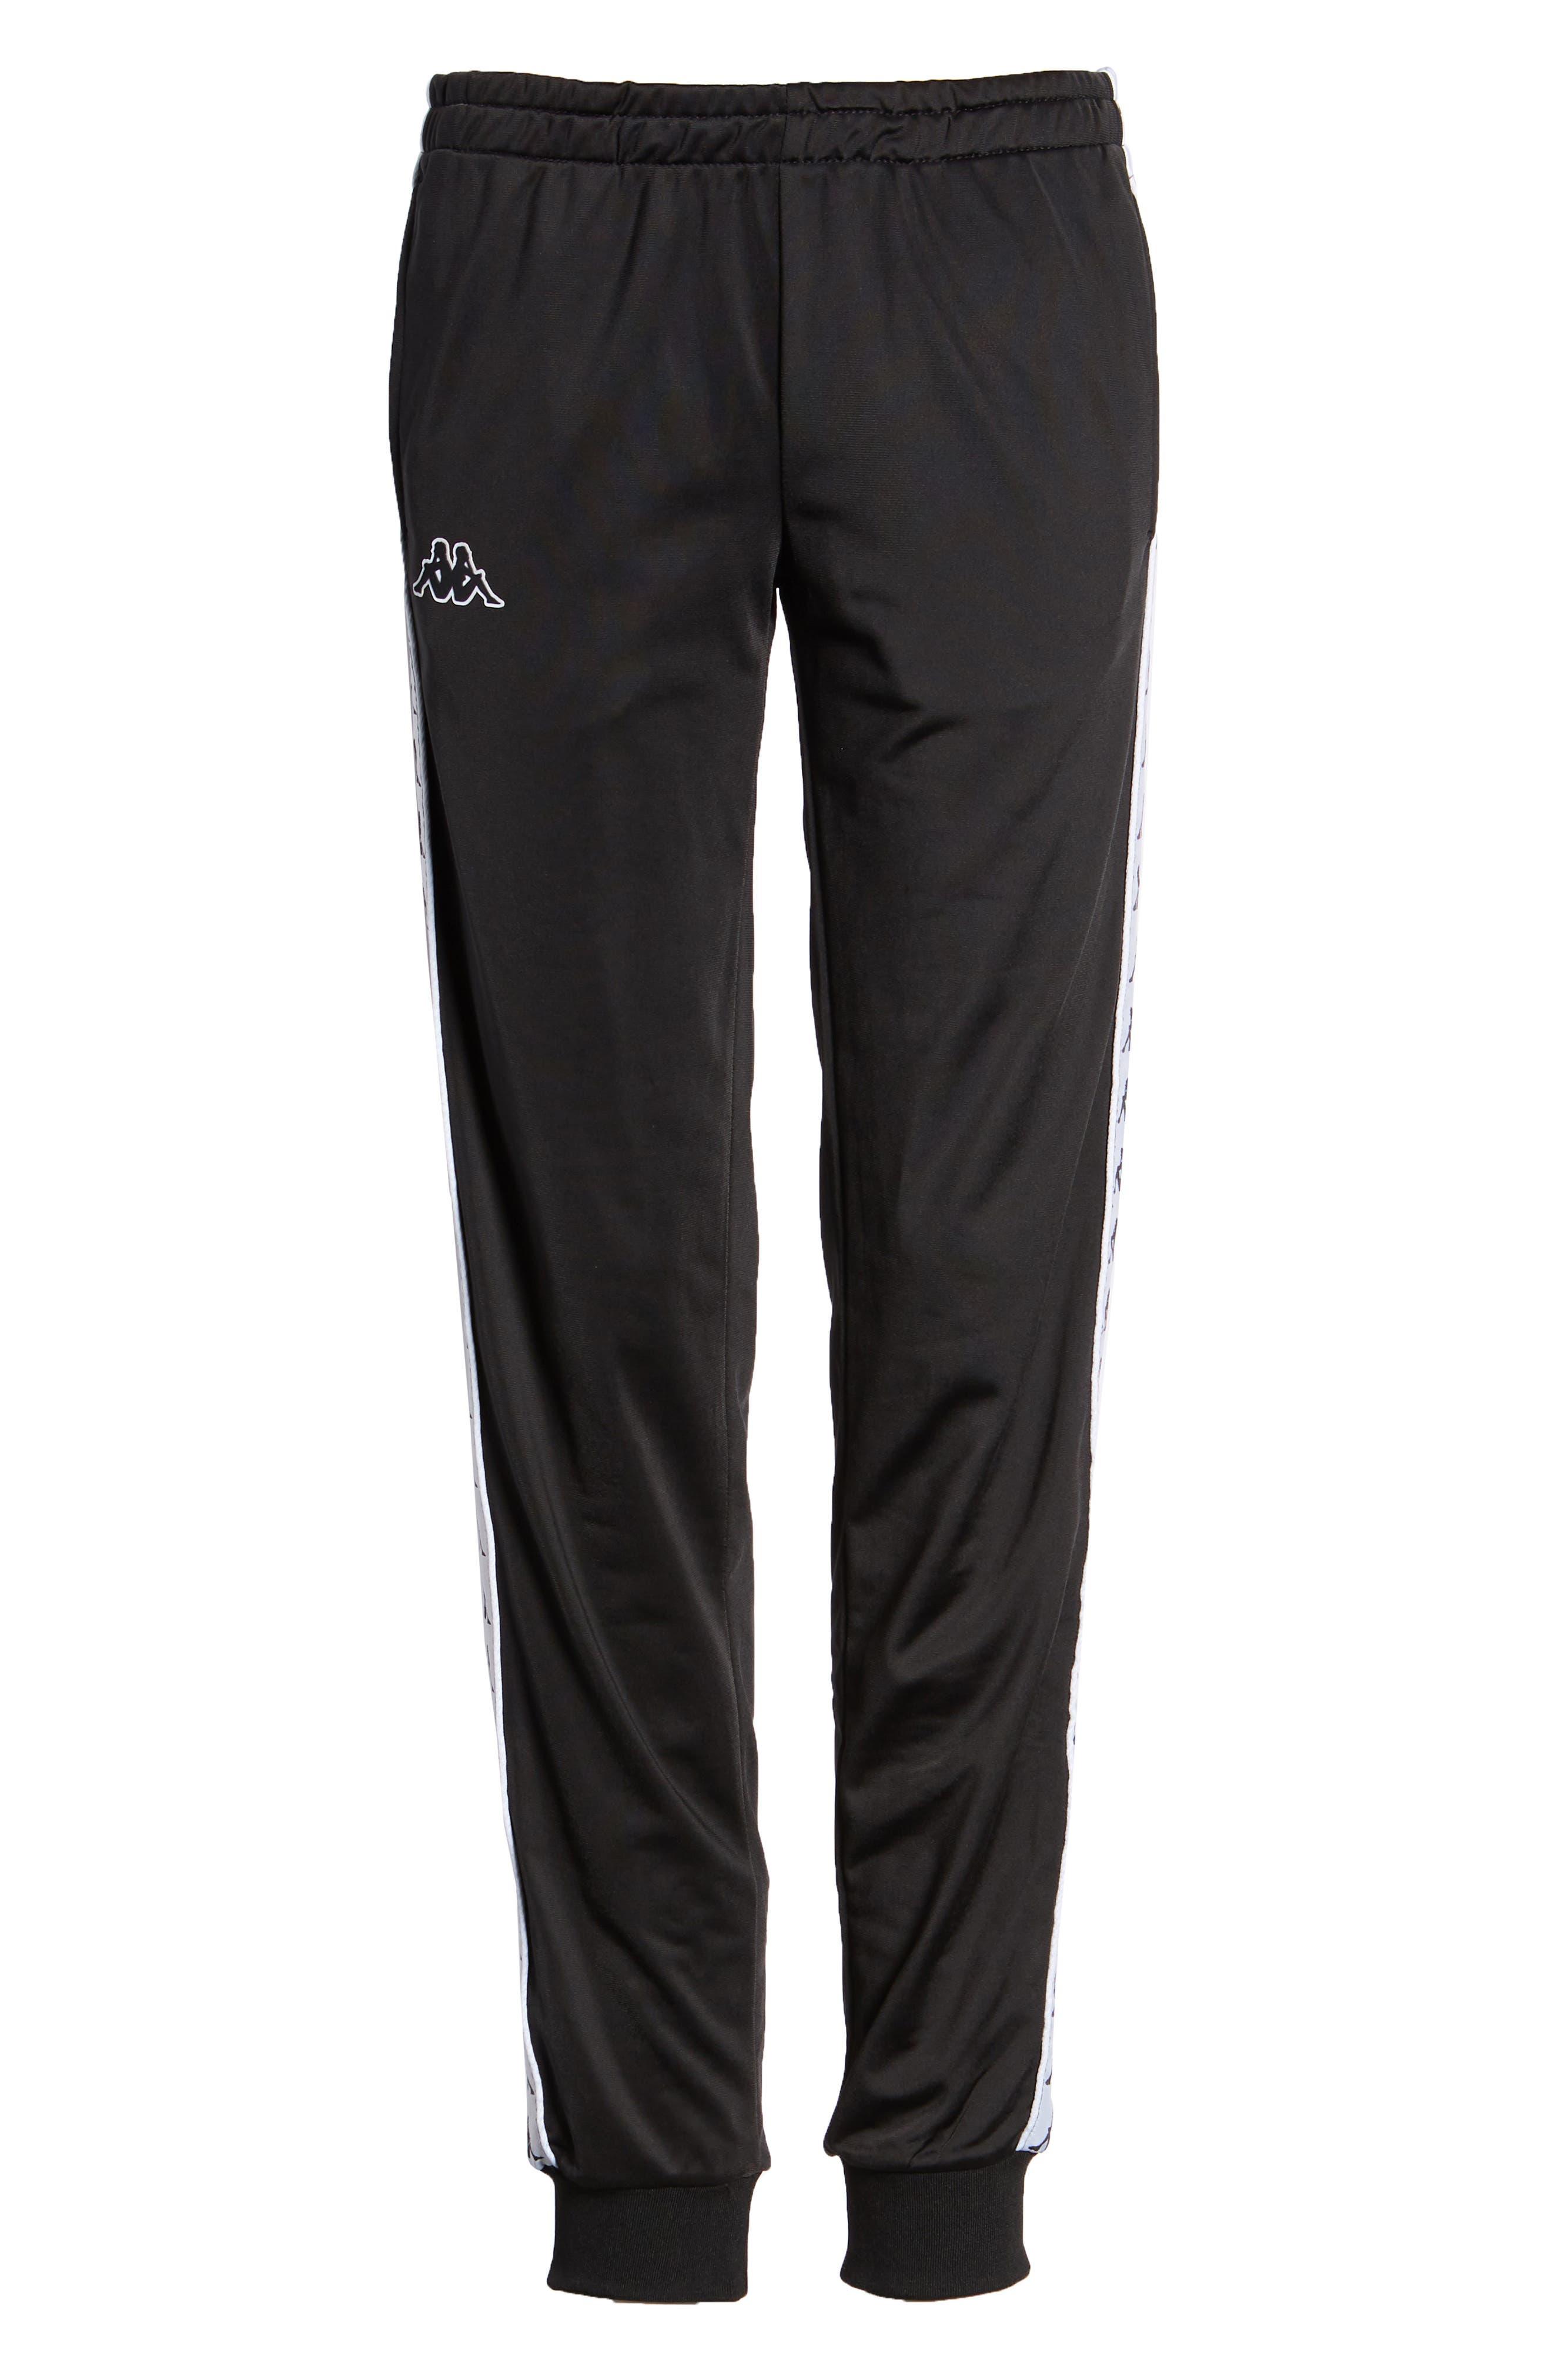 Banda Pants,                         Main,                         color, Black/ White